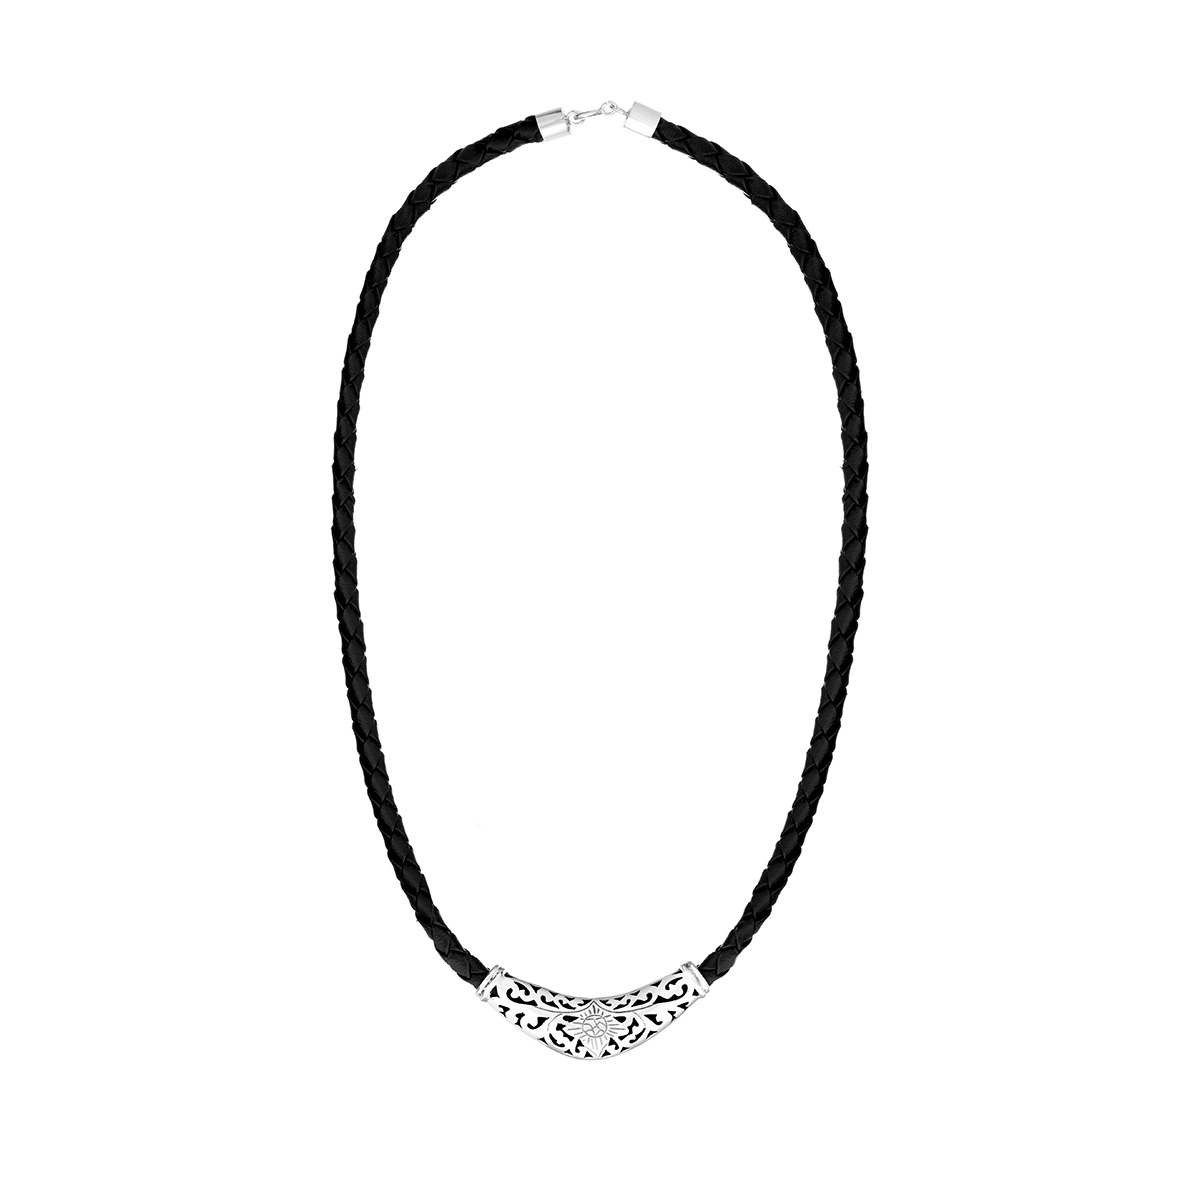 Batukaru Silver Necklace